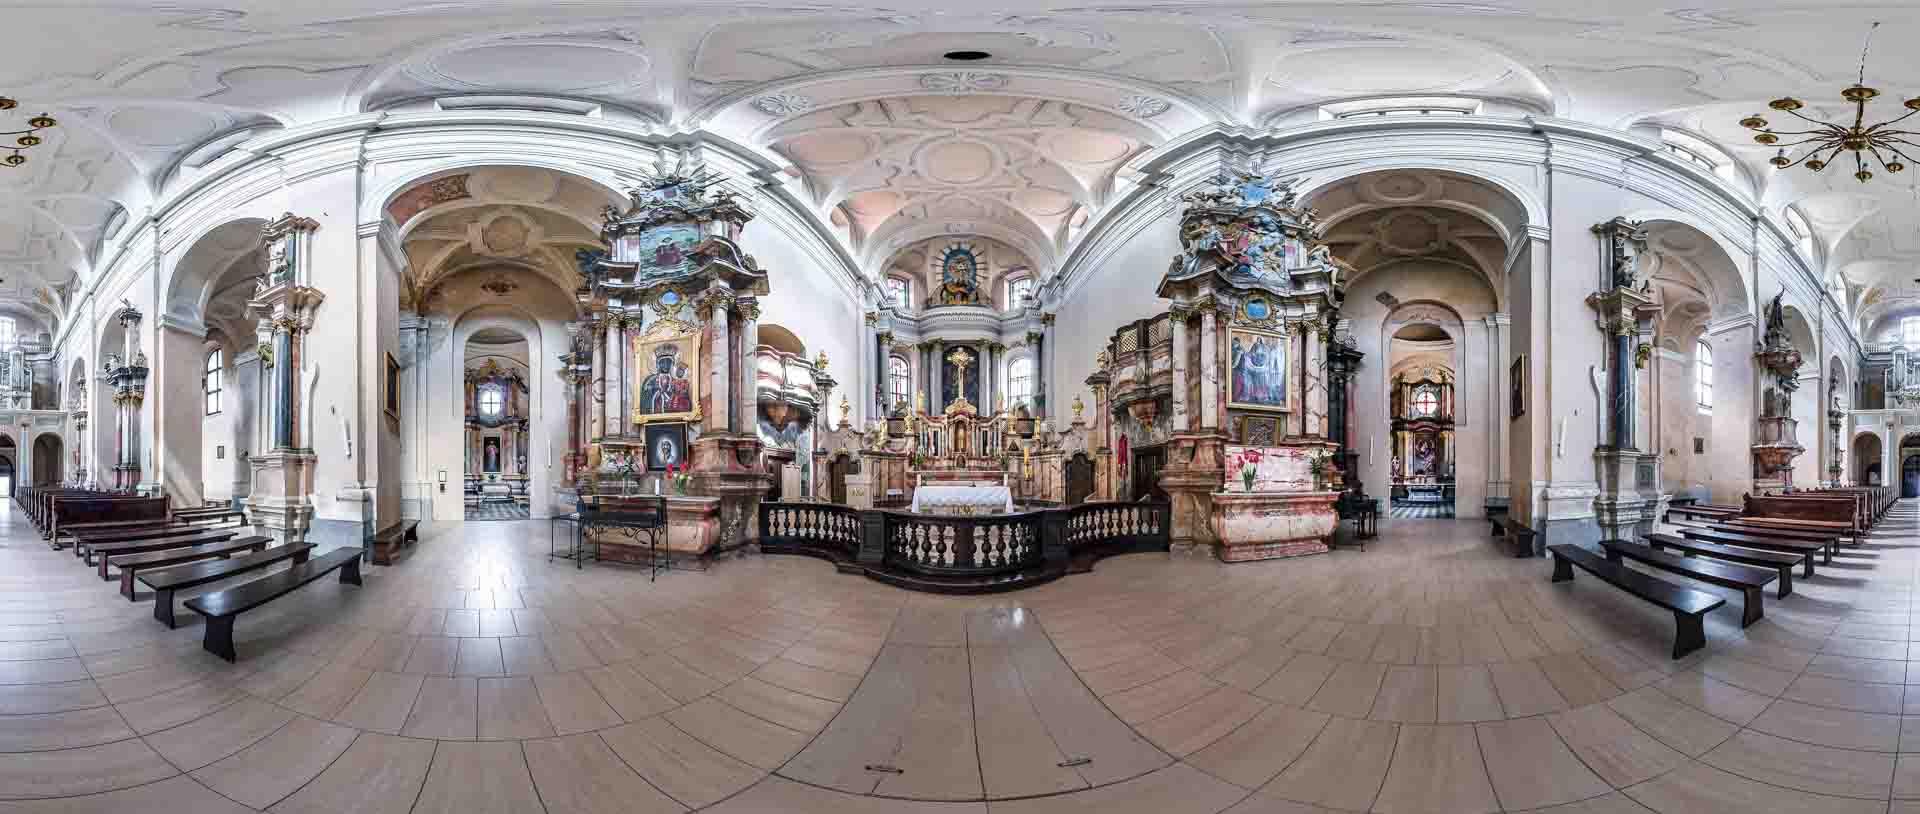 virtual tour 360 foto panoramiche beni culturali artistici religiosi